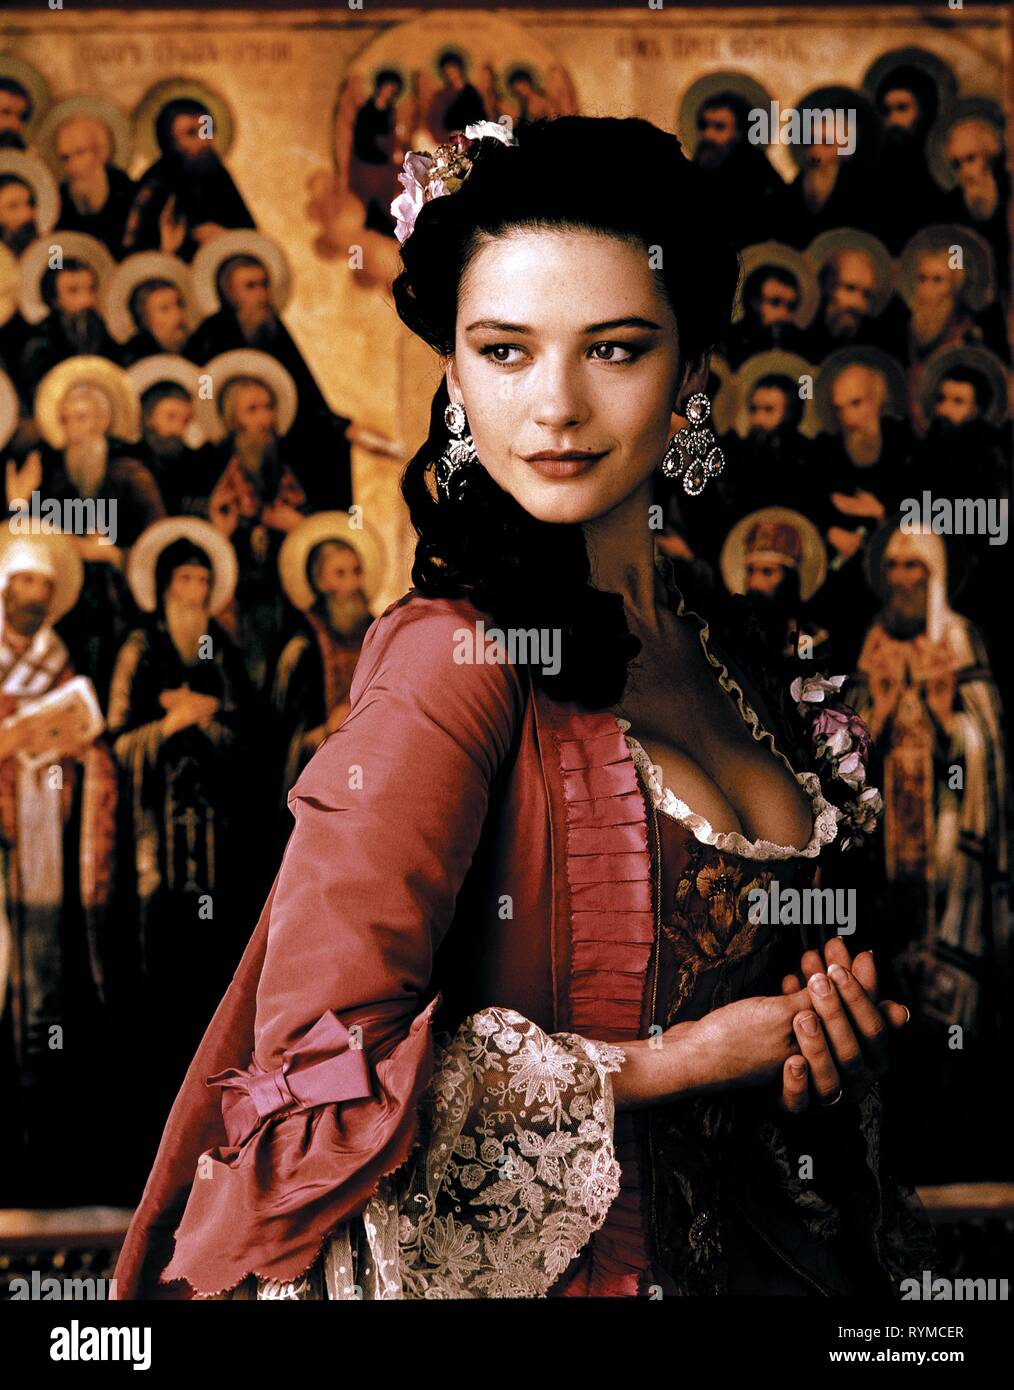 CATHERINE ZETA-JONES, CATHERINE THE GREAT, 1995 - Stock Image